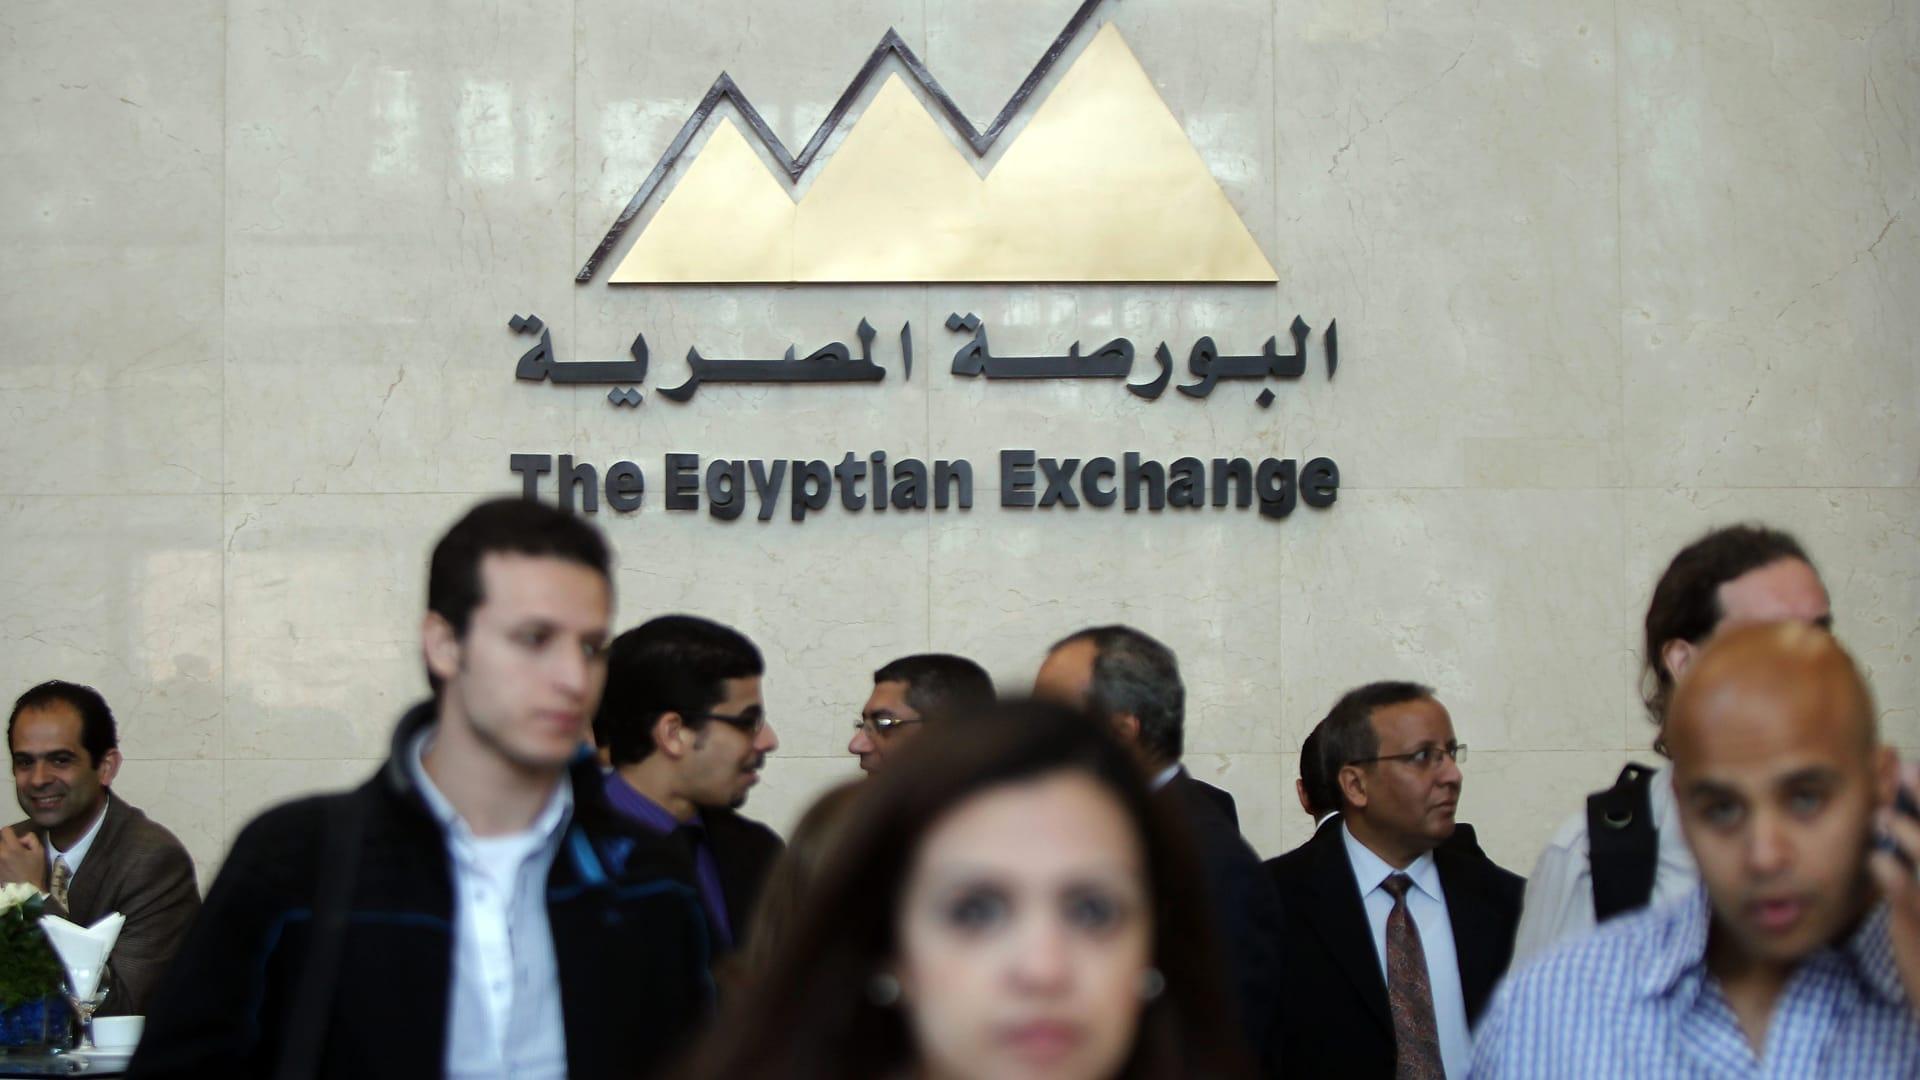 بورصة مصر توقف التداول لنصف ساعة بعد هبوط حاد في مؤشرها